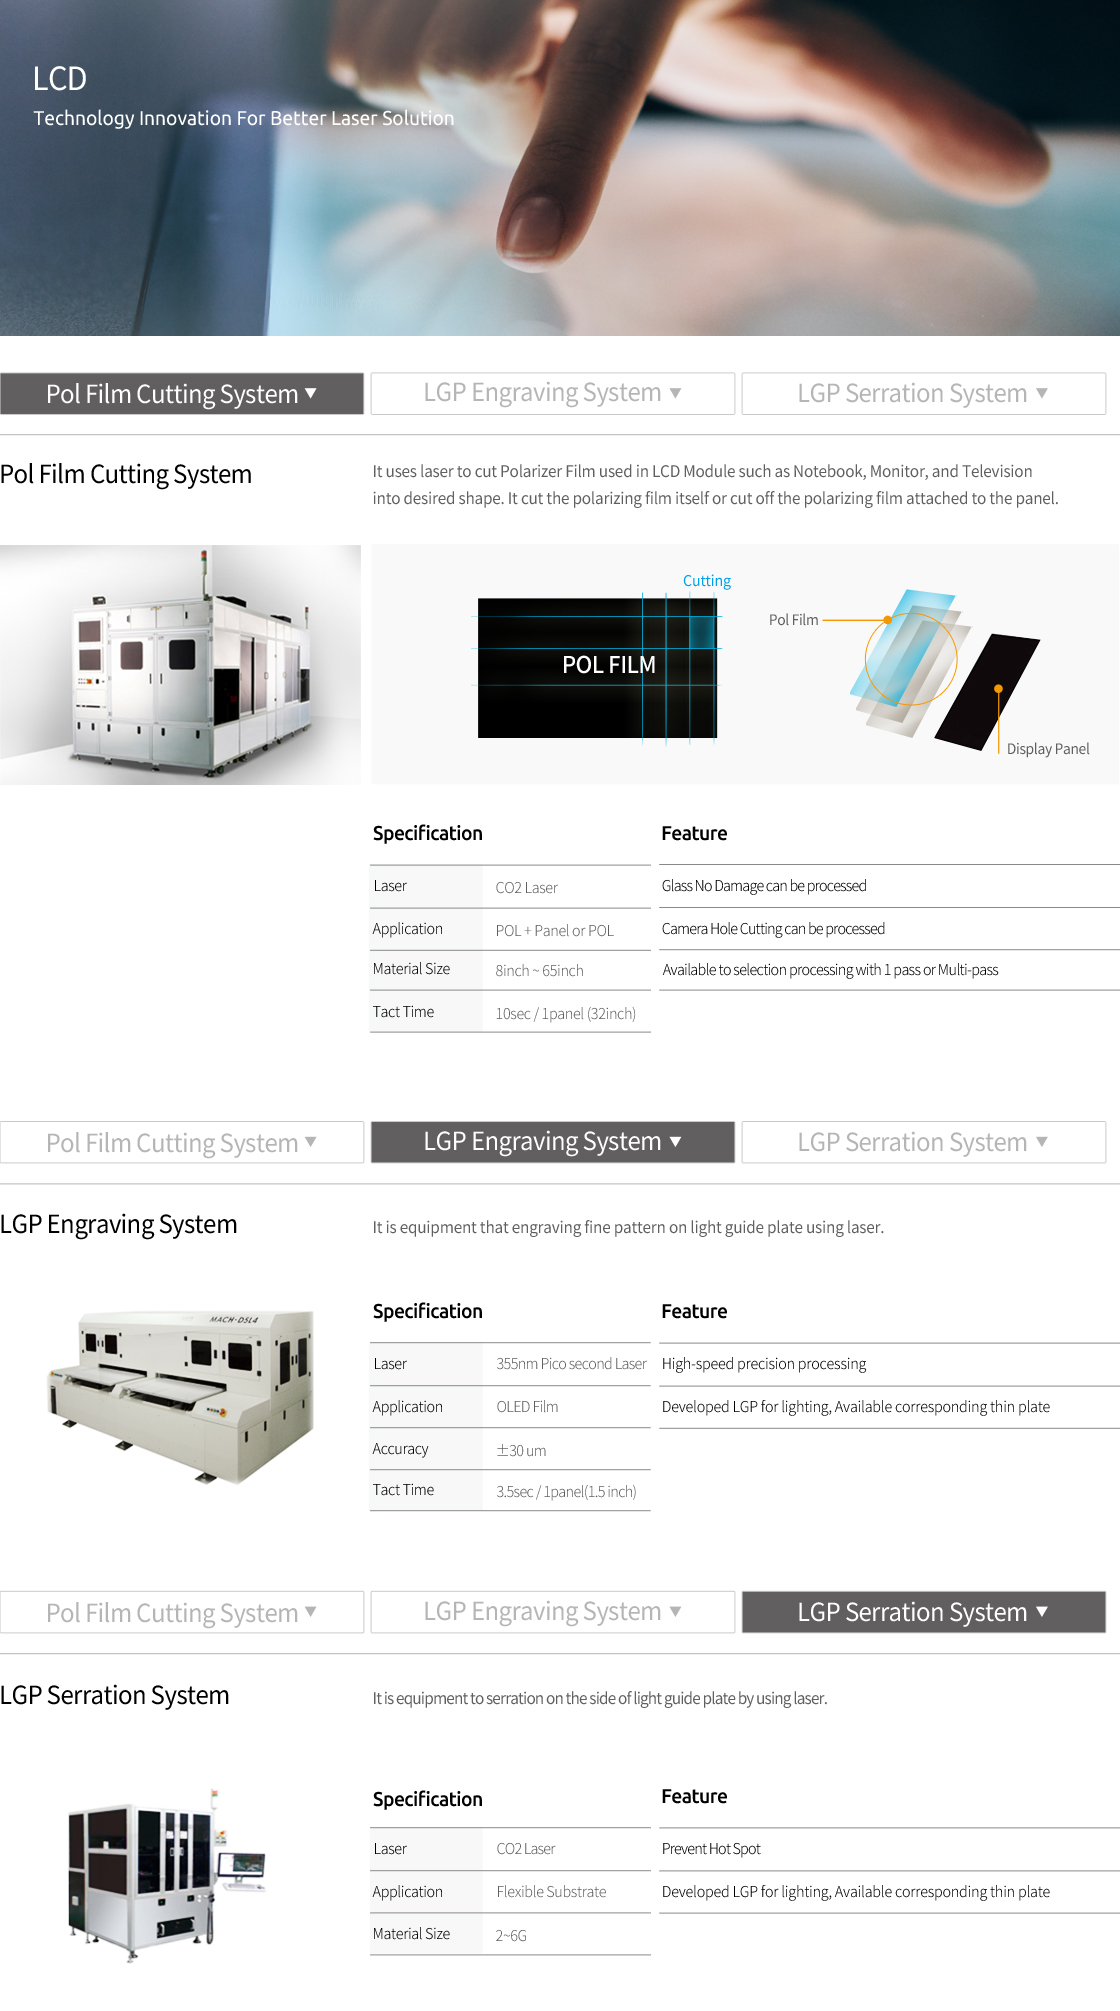 LCD_eng.jpg